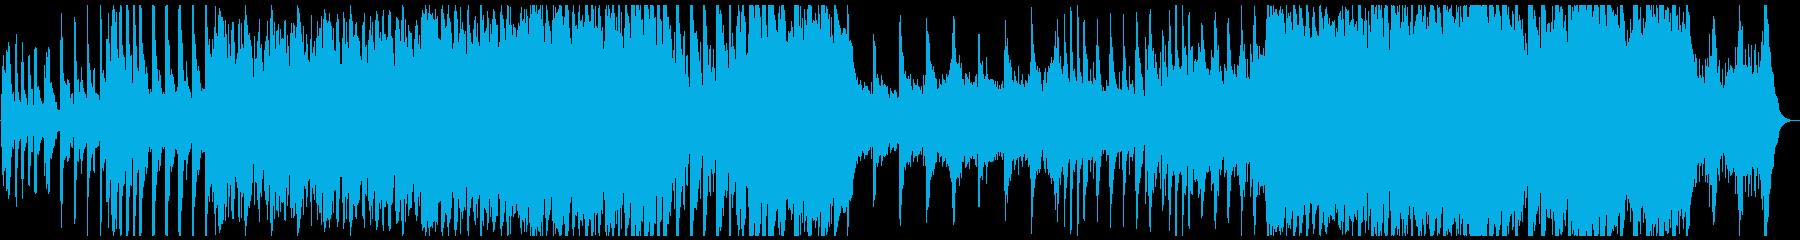 ハローウィン用のホラー曲の再生済みの波形